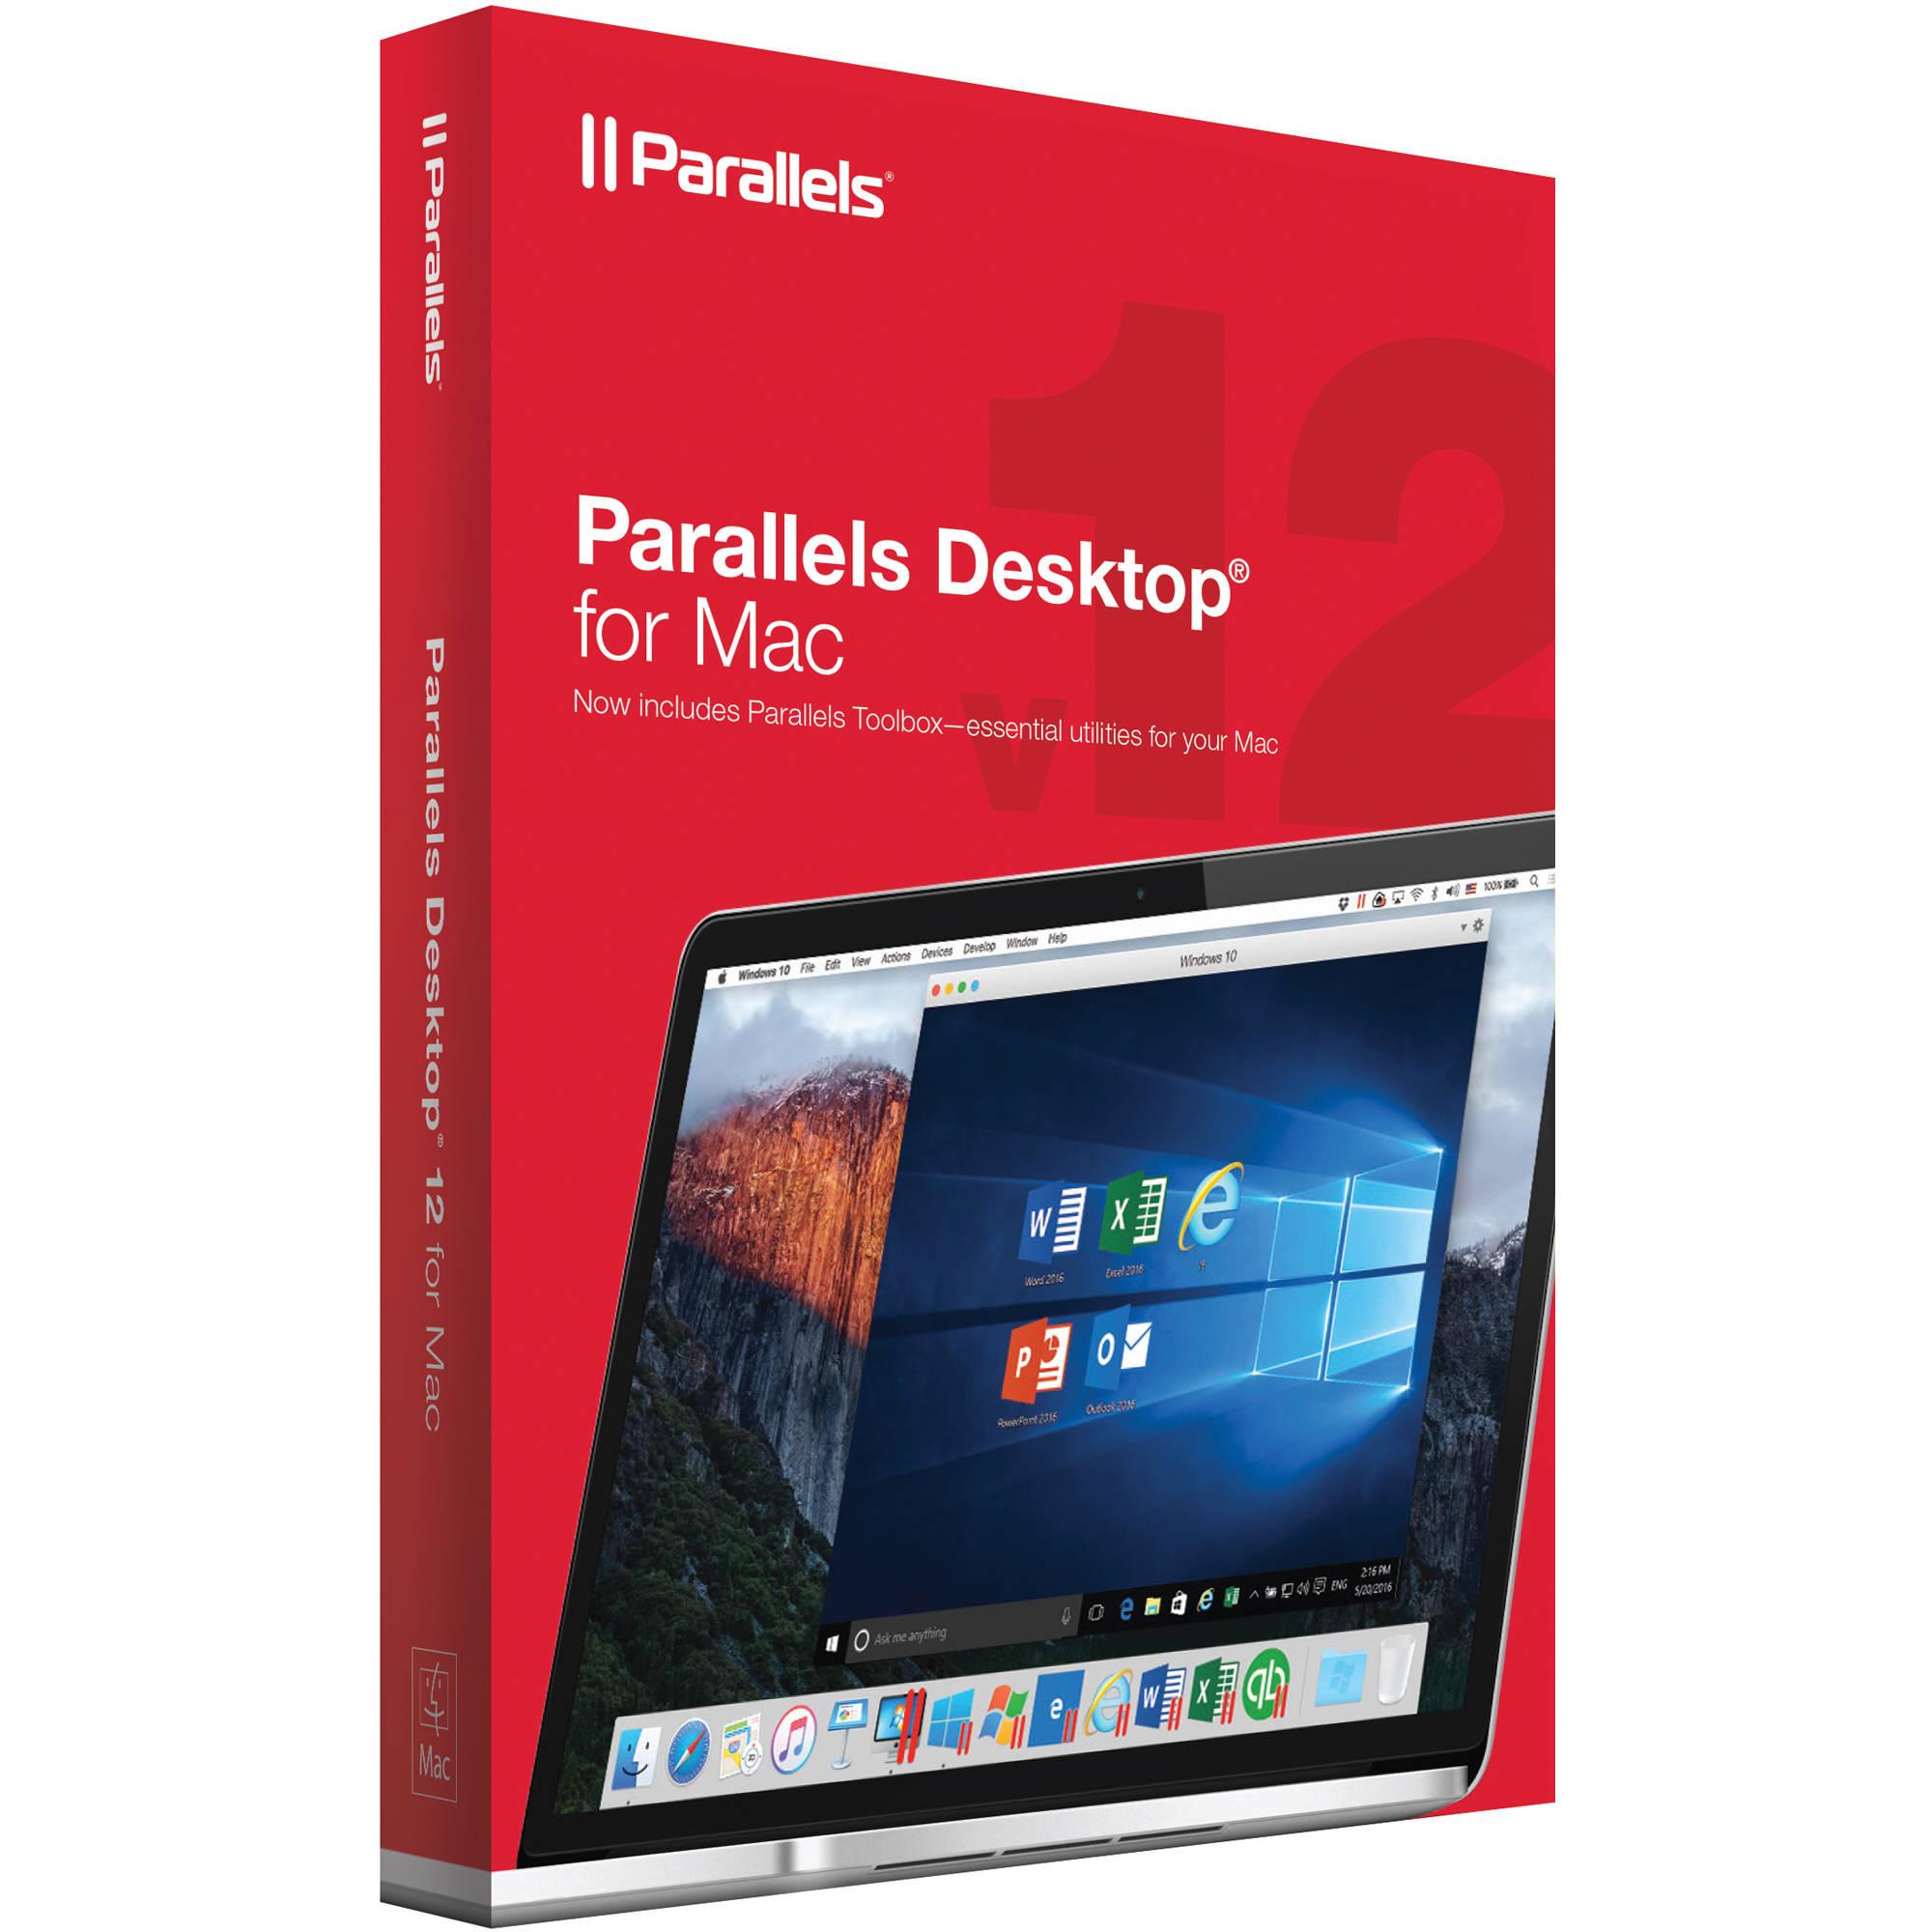 Parallels desktop 11 для mac скачать торрент.